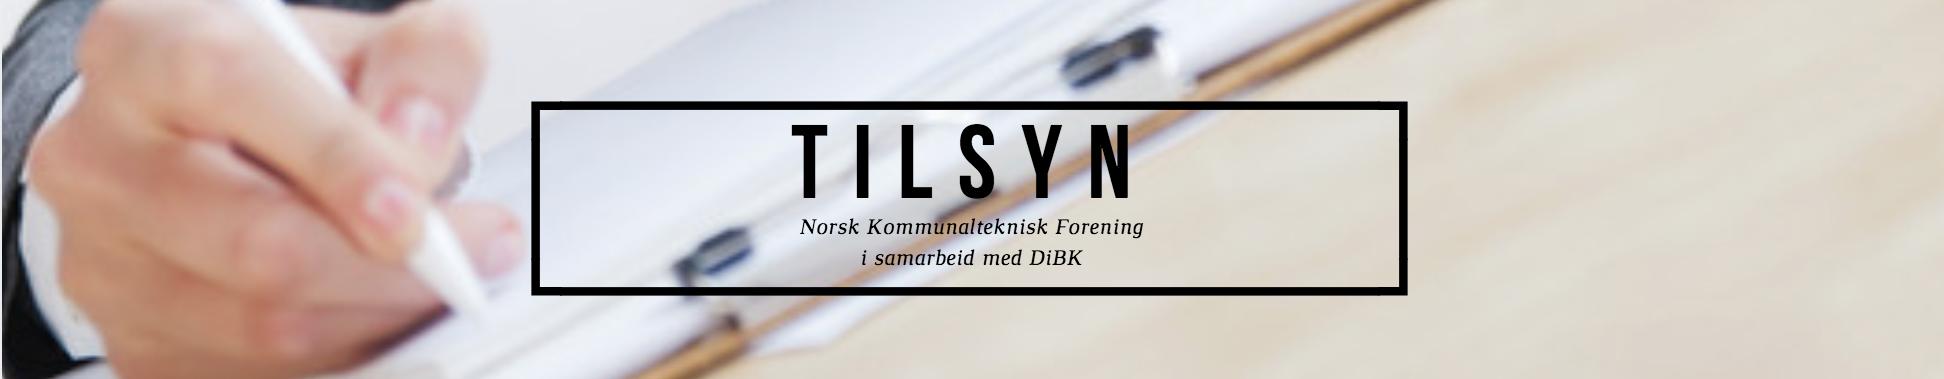 FORSIDEBILDE TILSYN 4